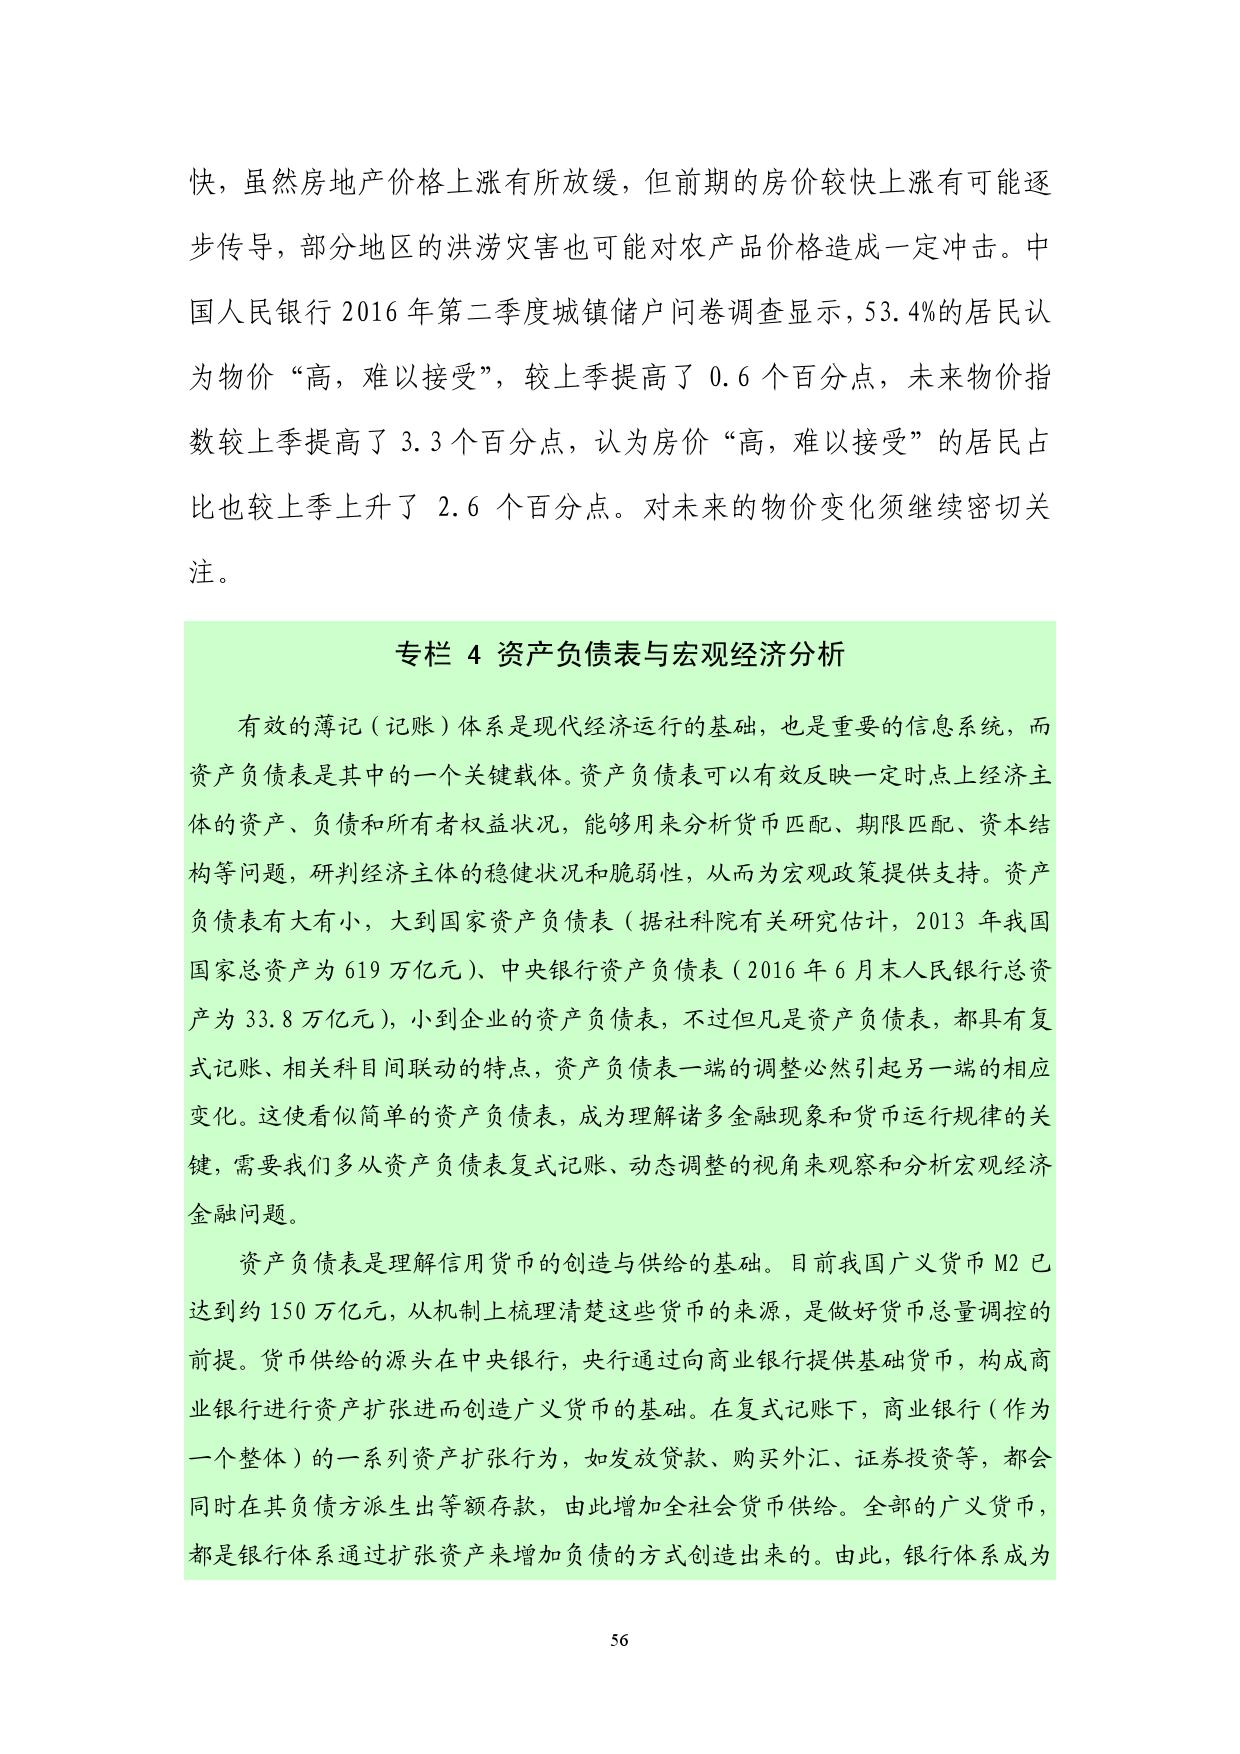 2016年Q2中国货币政策执行报告_000062